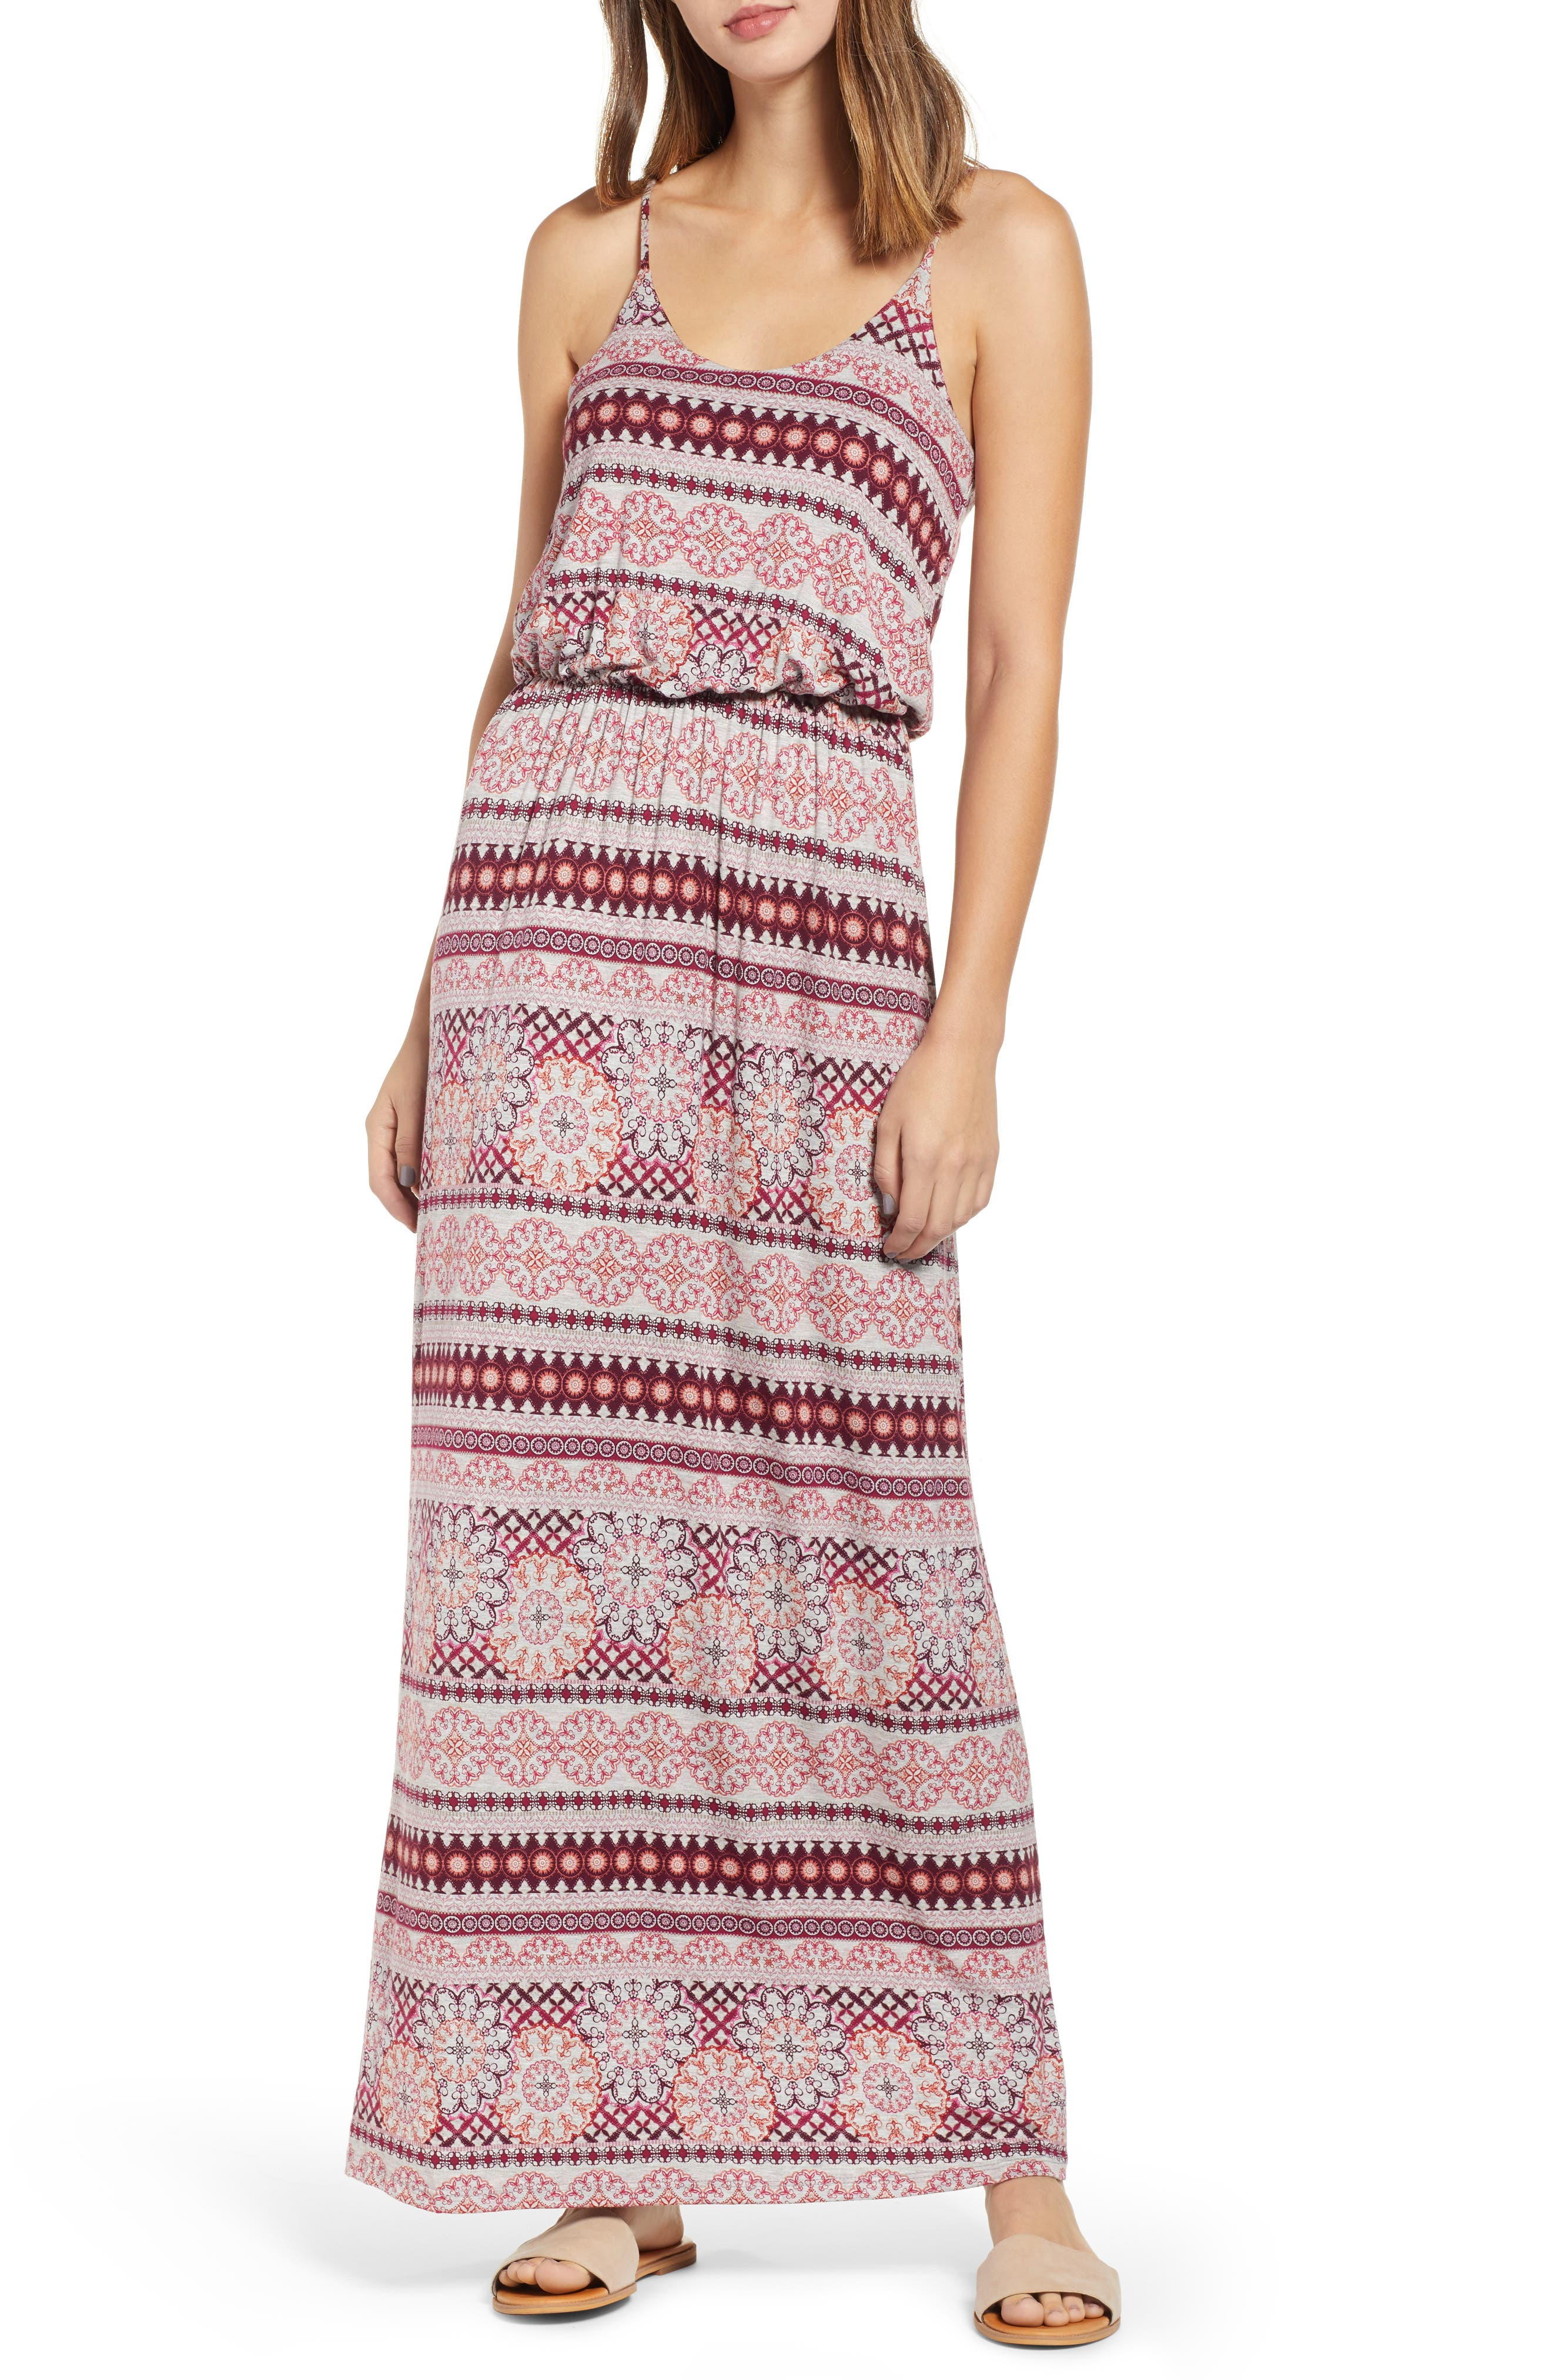 Knit Maxi Dress,                             Main thumbnail 1, color,                             HEATHERGREY/ CORAL